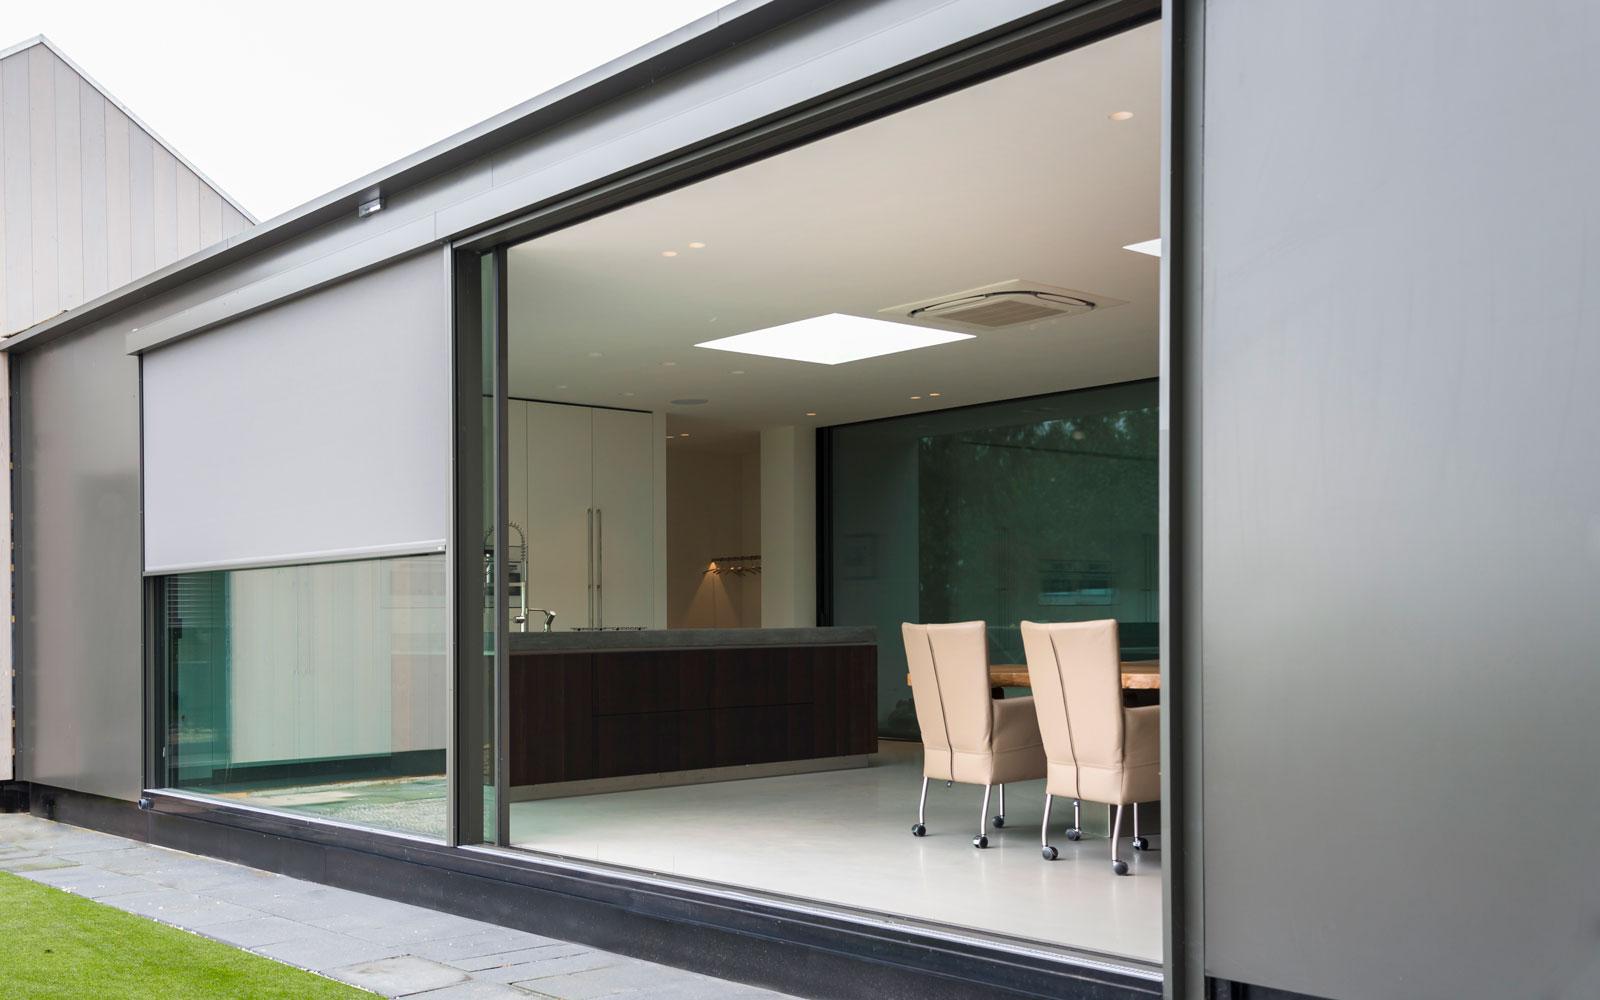 Doors Uitbouw Keuken : Keuken modern gietvloer kookeiland grote ramen moderne